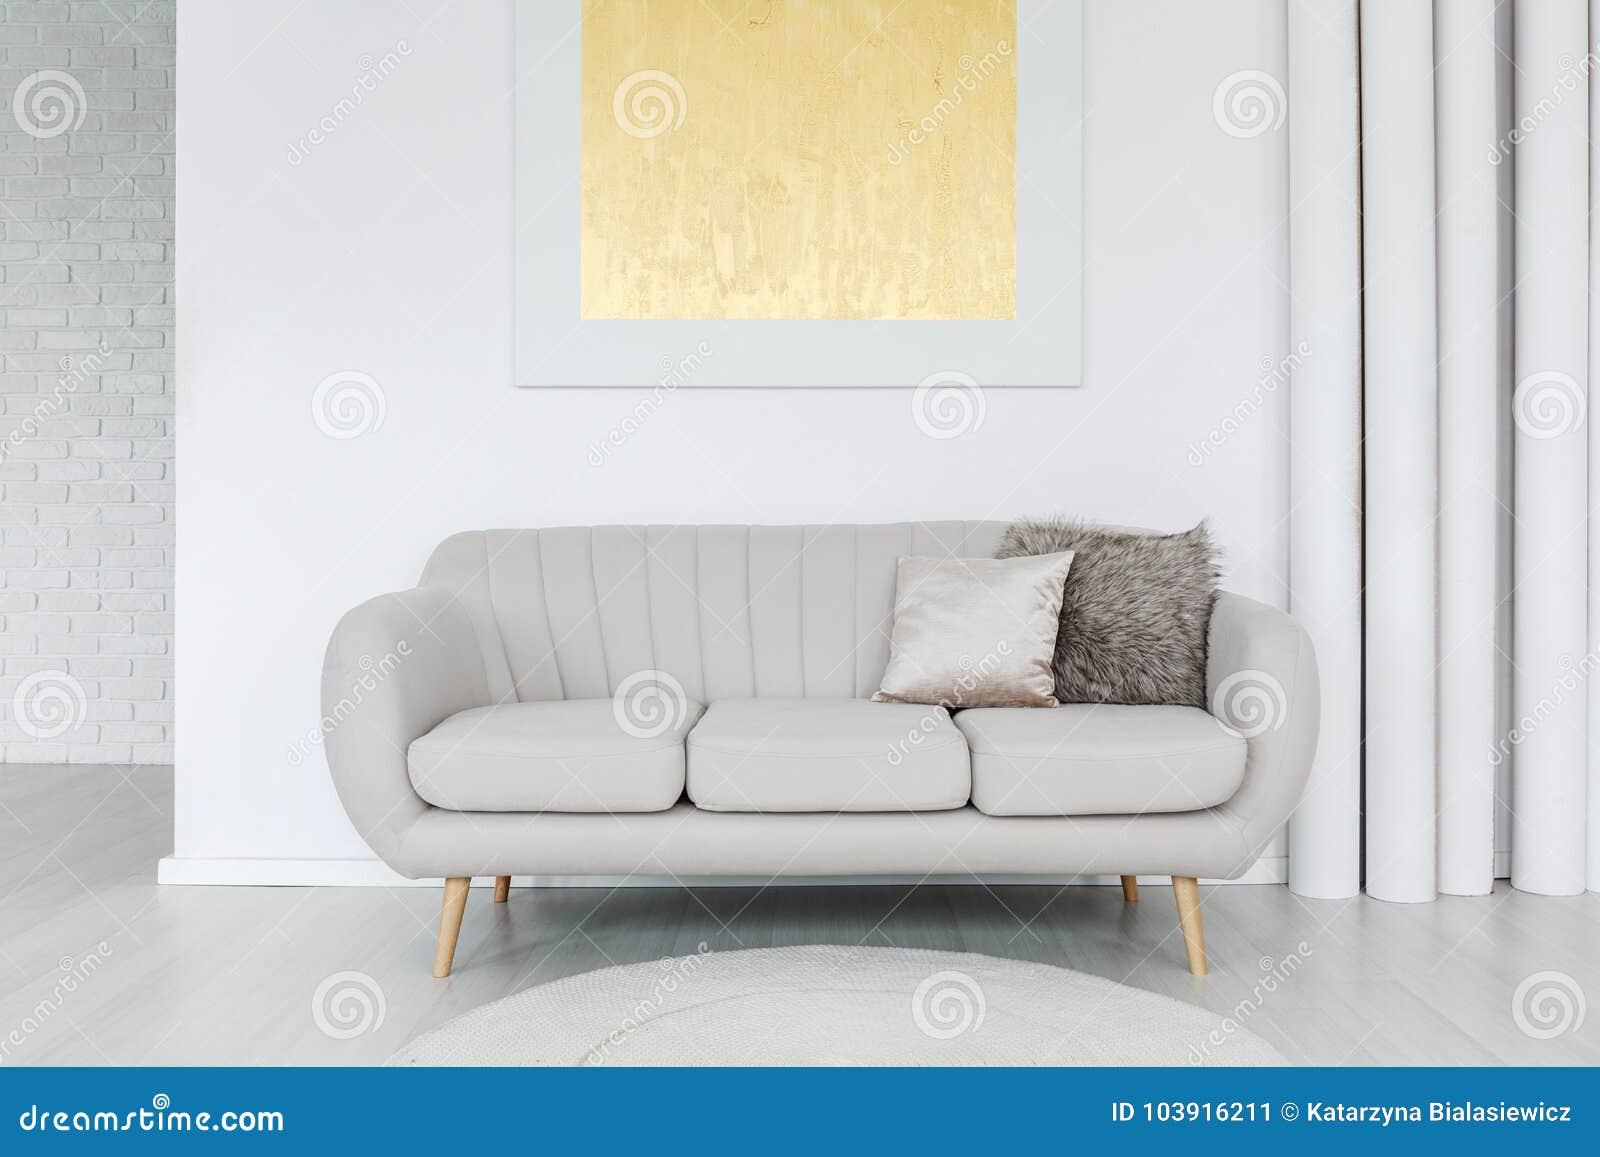 Peinture D Or Au Dessus De Sofa Gris Image Stock Image Du